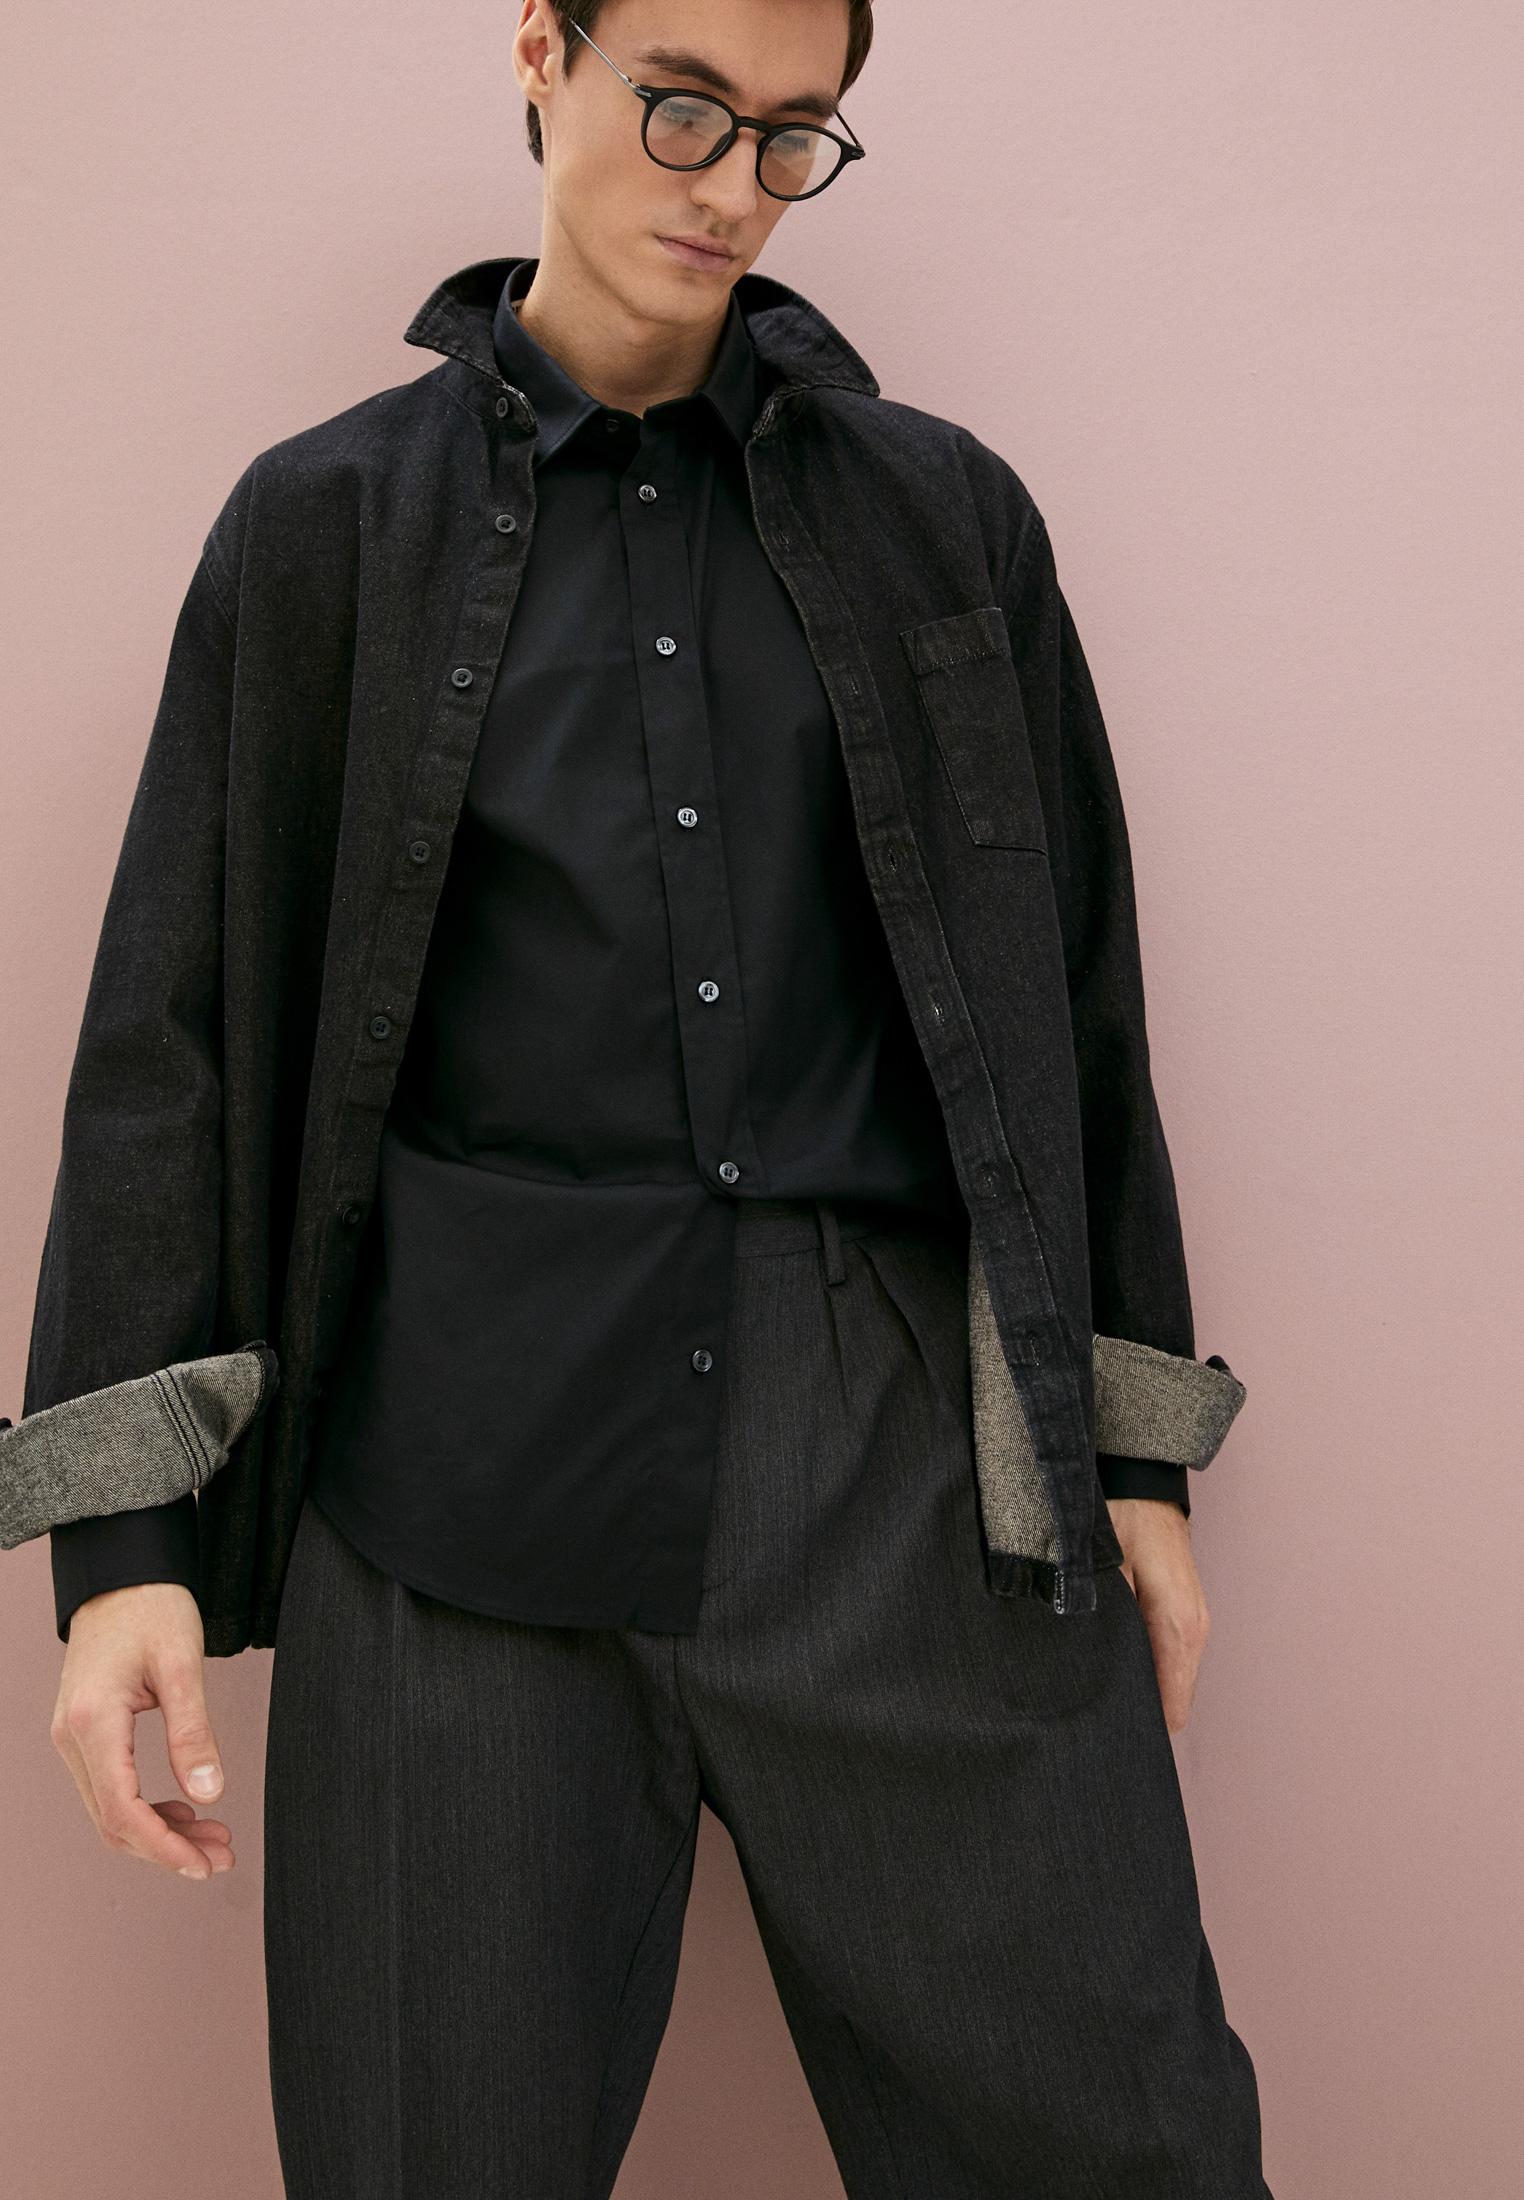 Мужские классические брюки Bikkembergs (Биккембергс) C P 038 00 S 3331: изображение 2